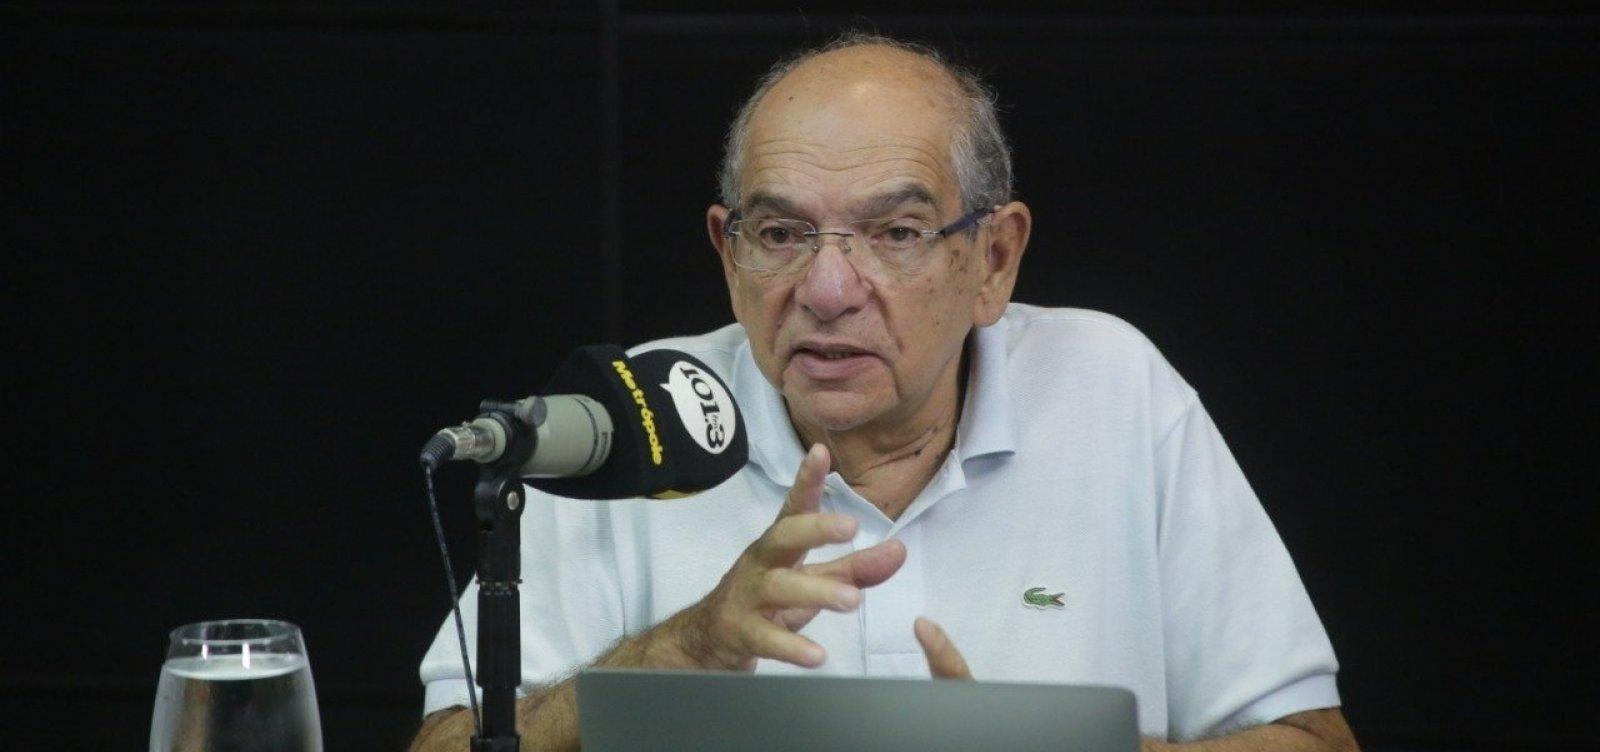 MK elogia reação de Fachin a mensagens de Villas Bôas contra o STF; ouça